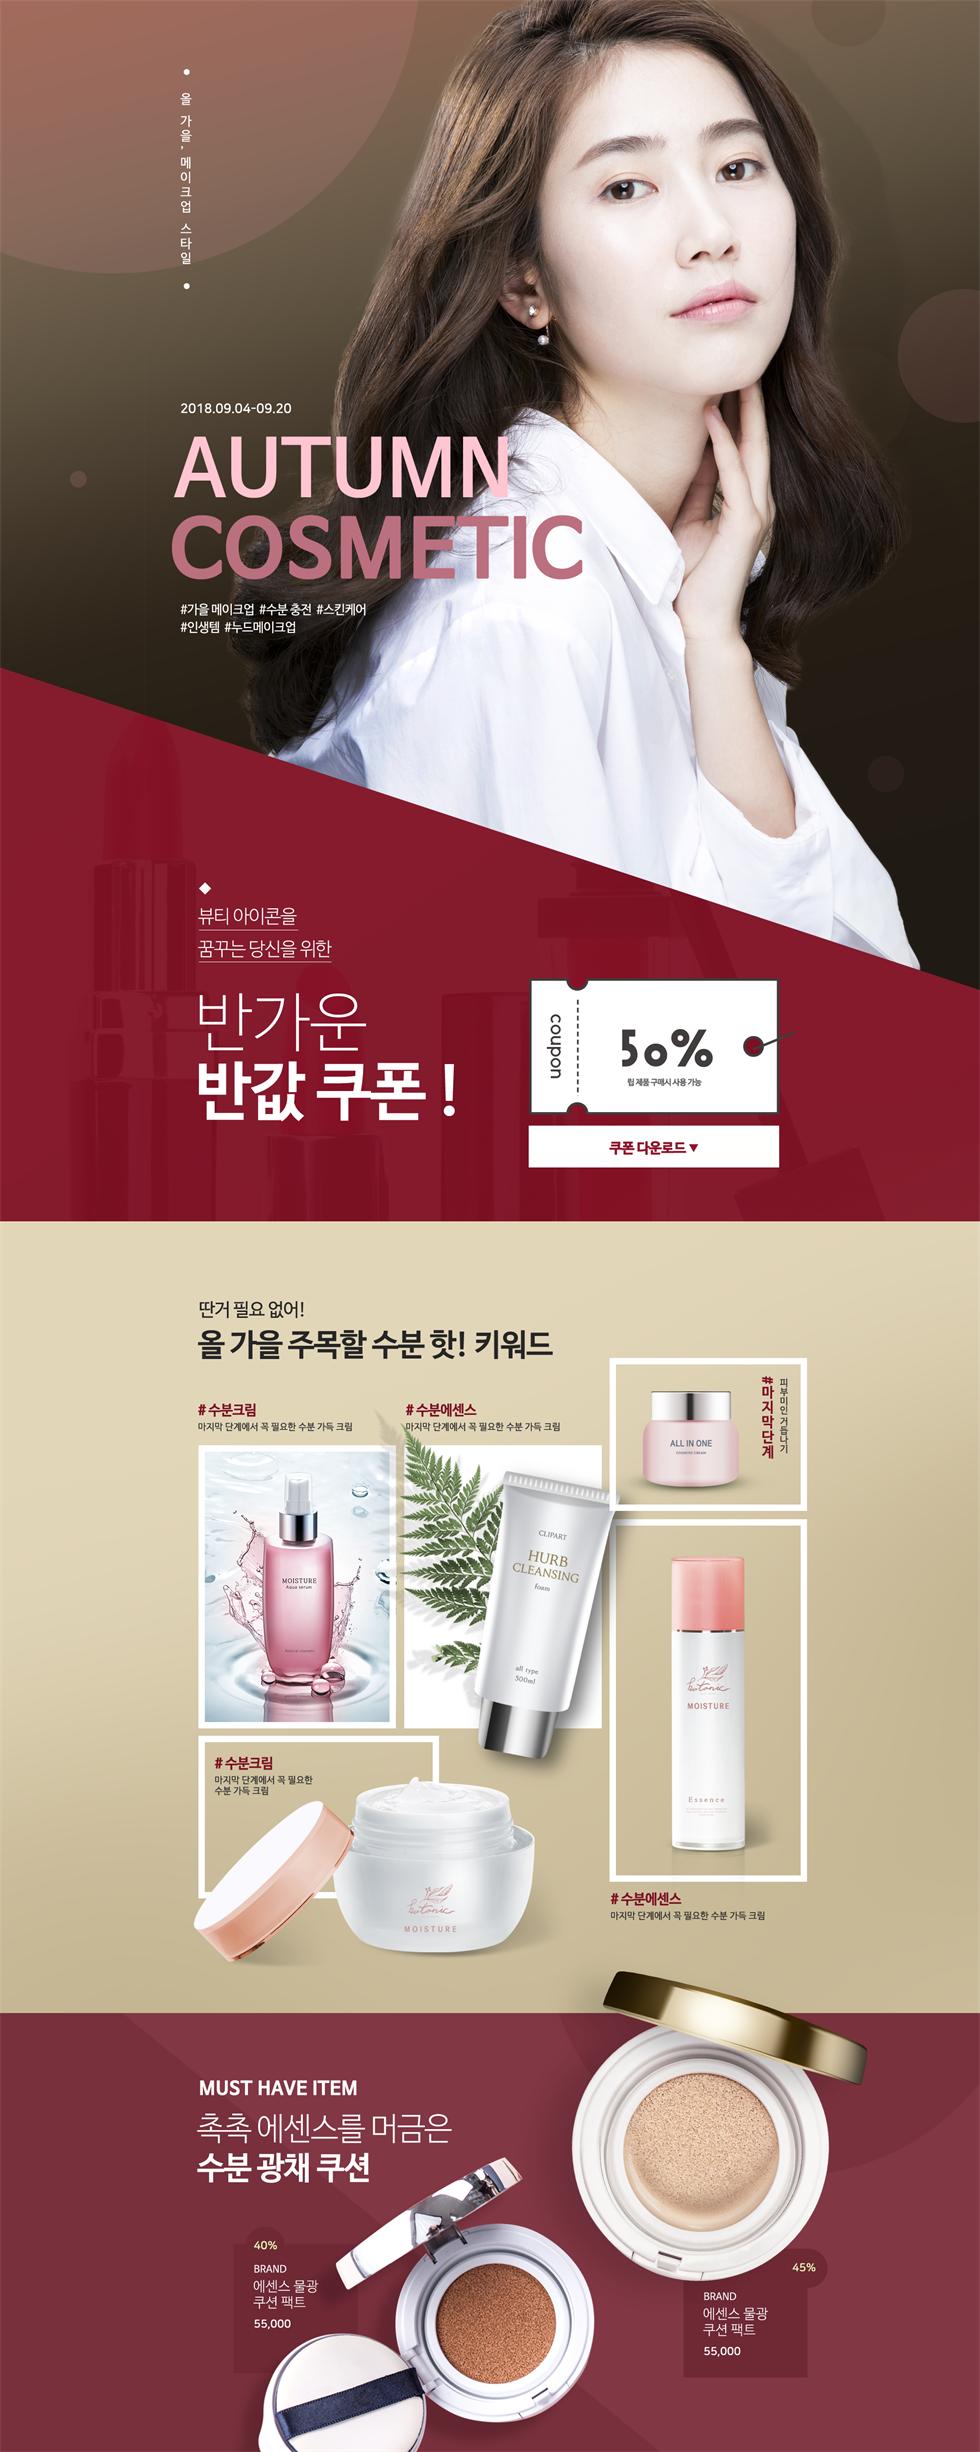 高端简约化妆品彩妆产品促销介绍网页模版psd